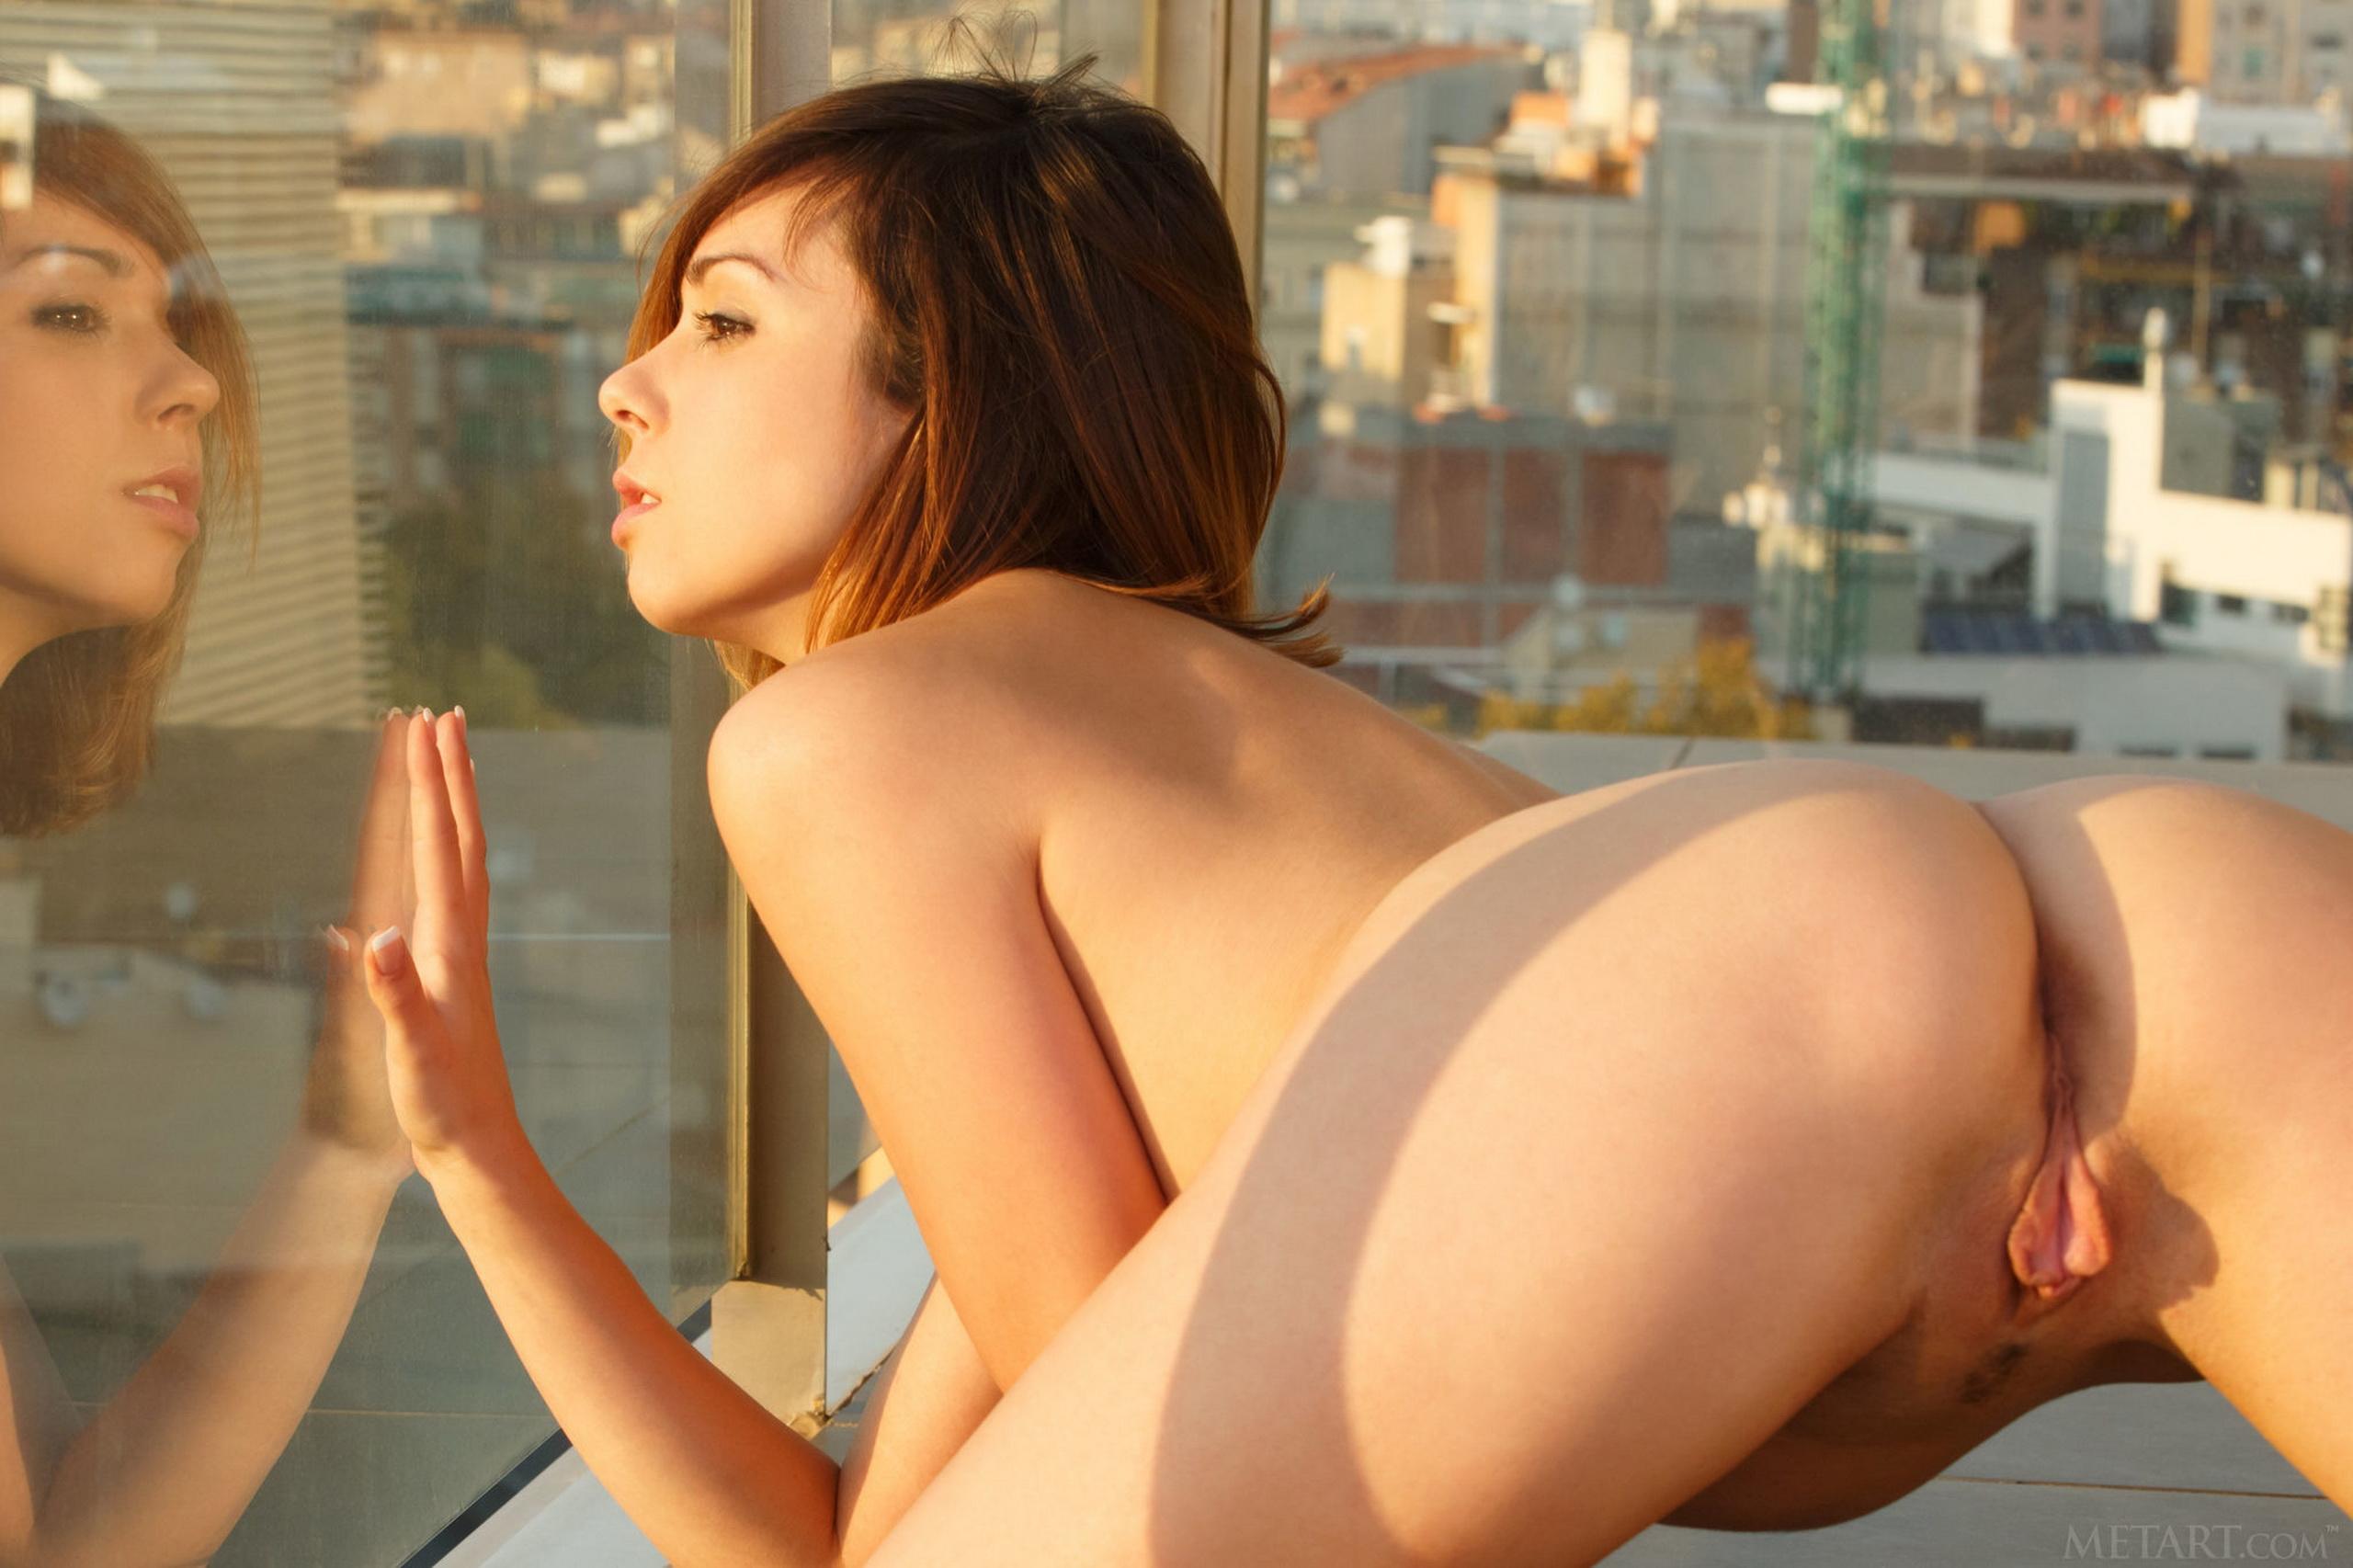 Erotic free videos masturbation XXX Sex Images